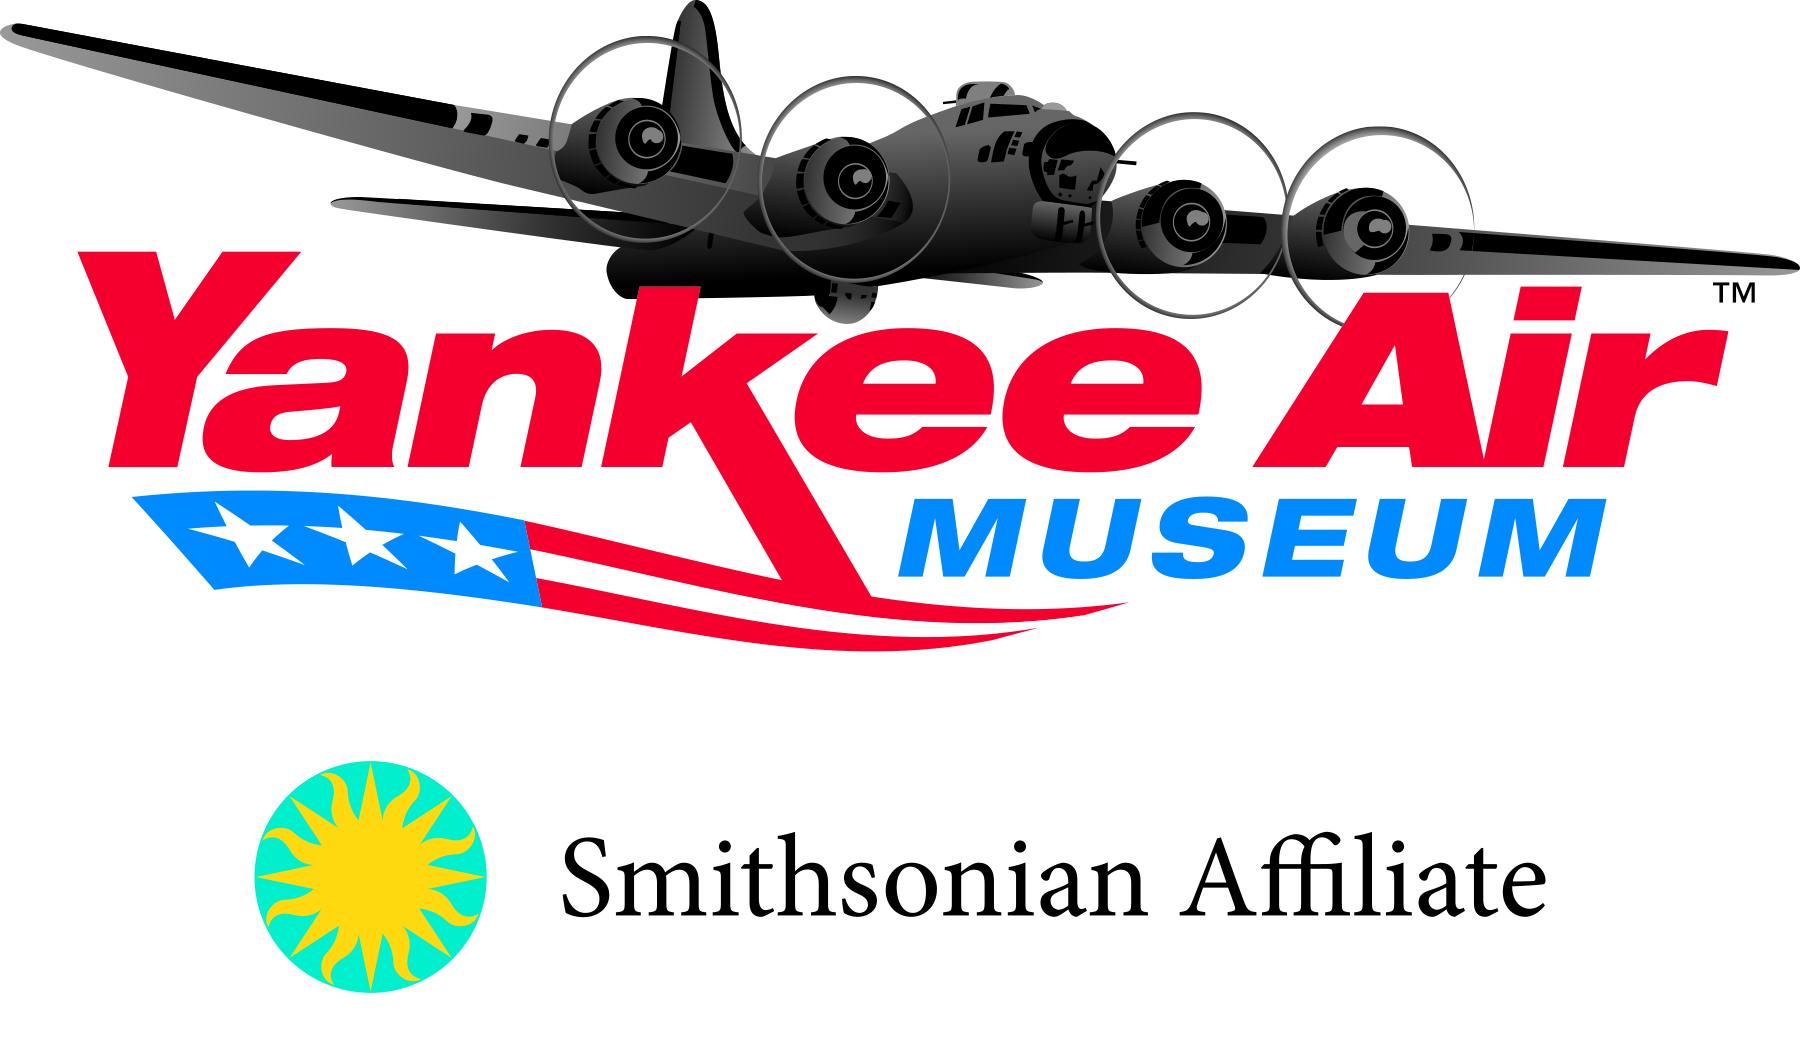 Yankee Air Museum: